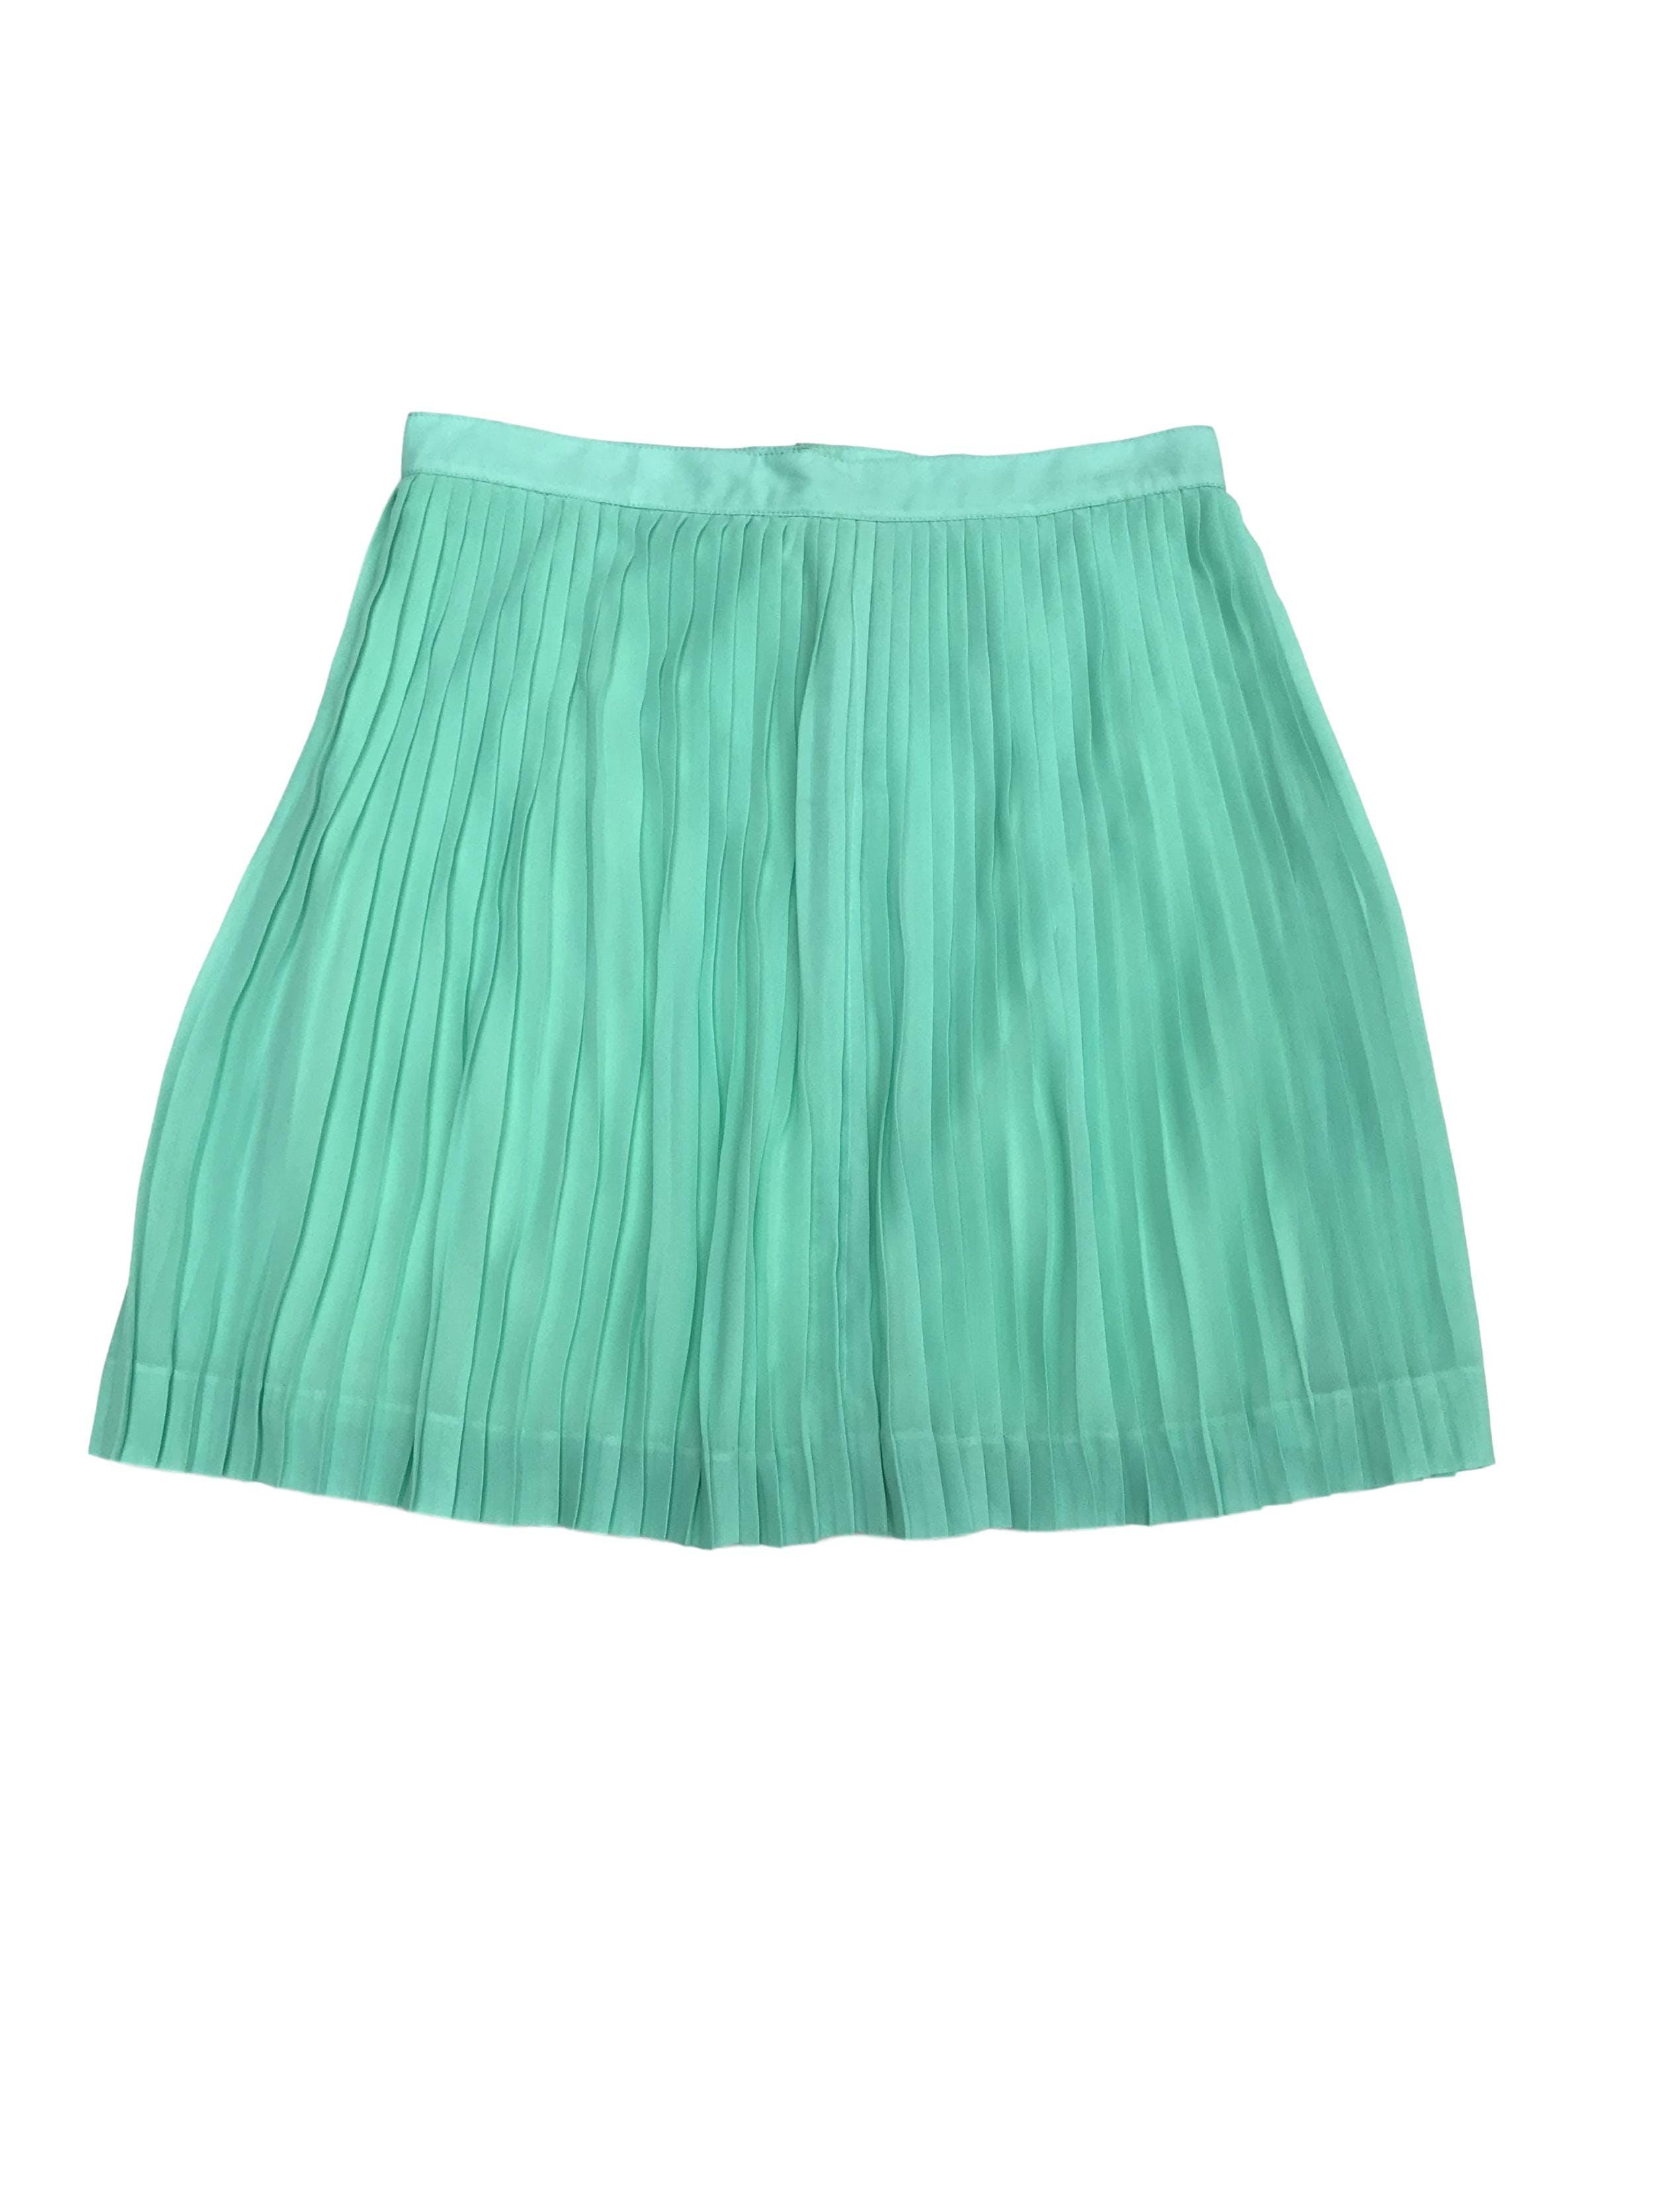 Falda plisada verde agua, forrada, cierre y botón posterior. Largo 46cm